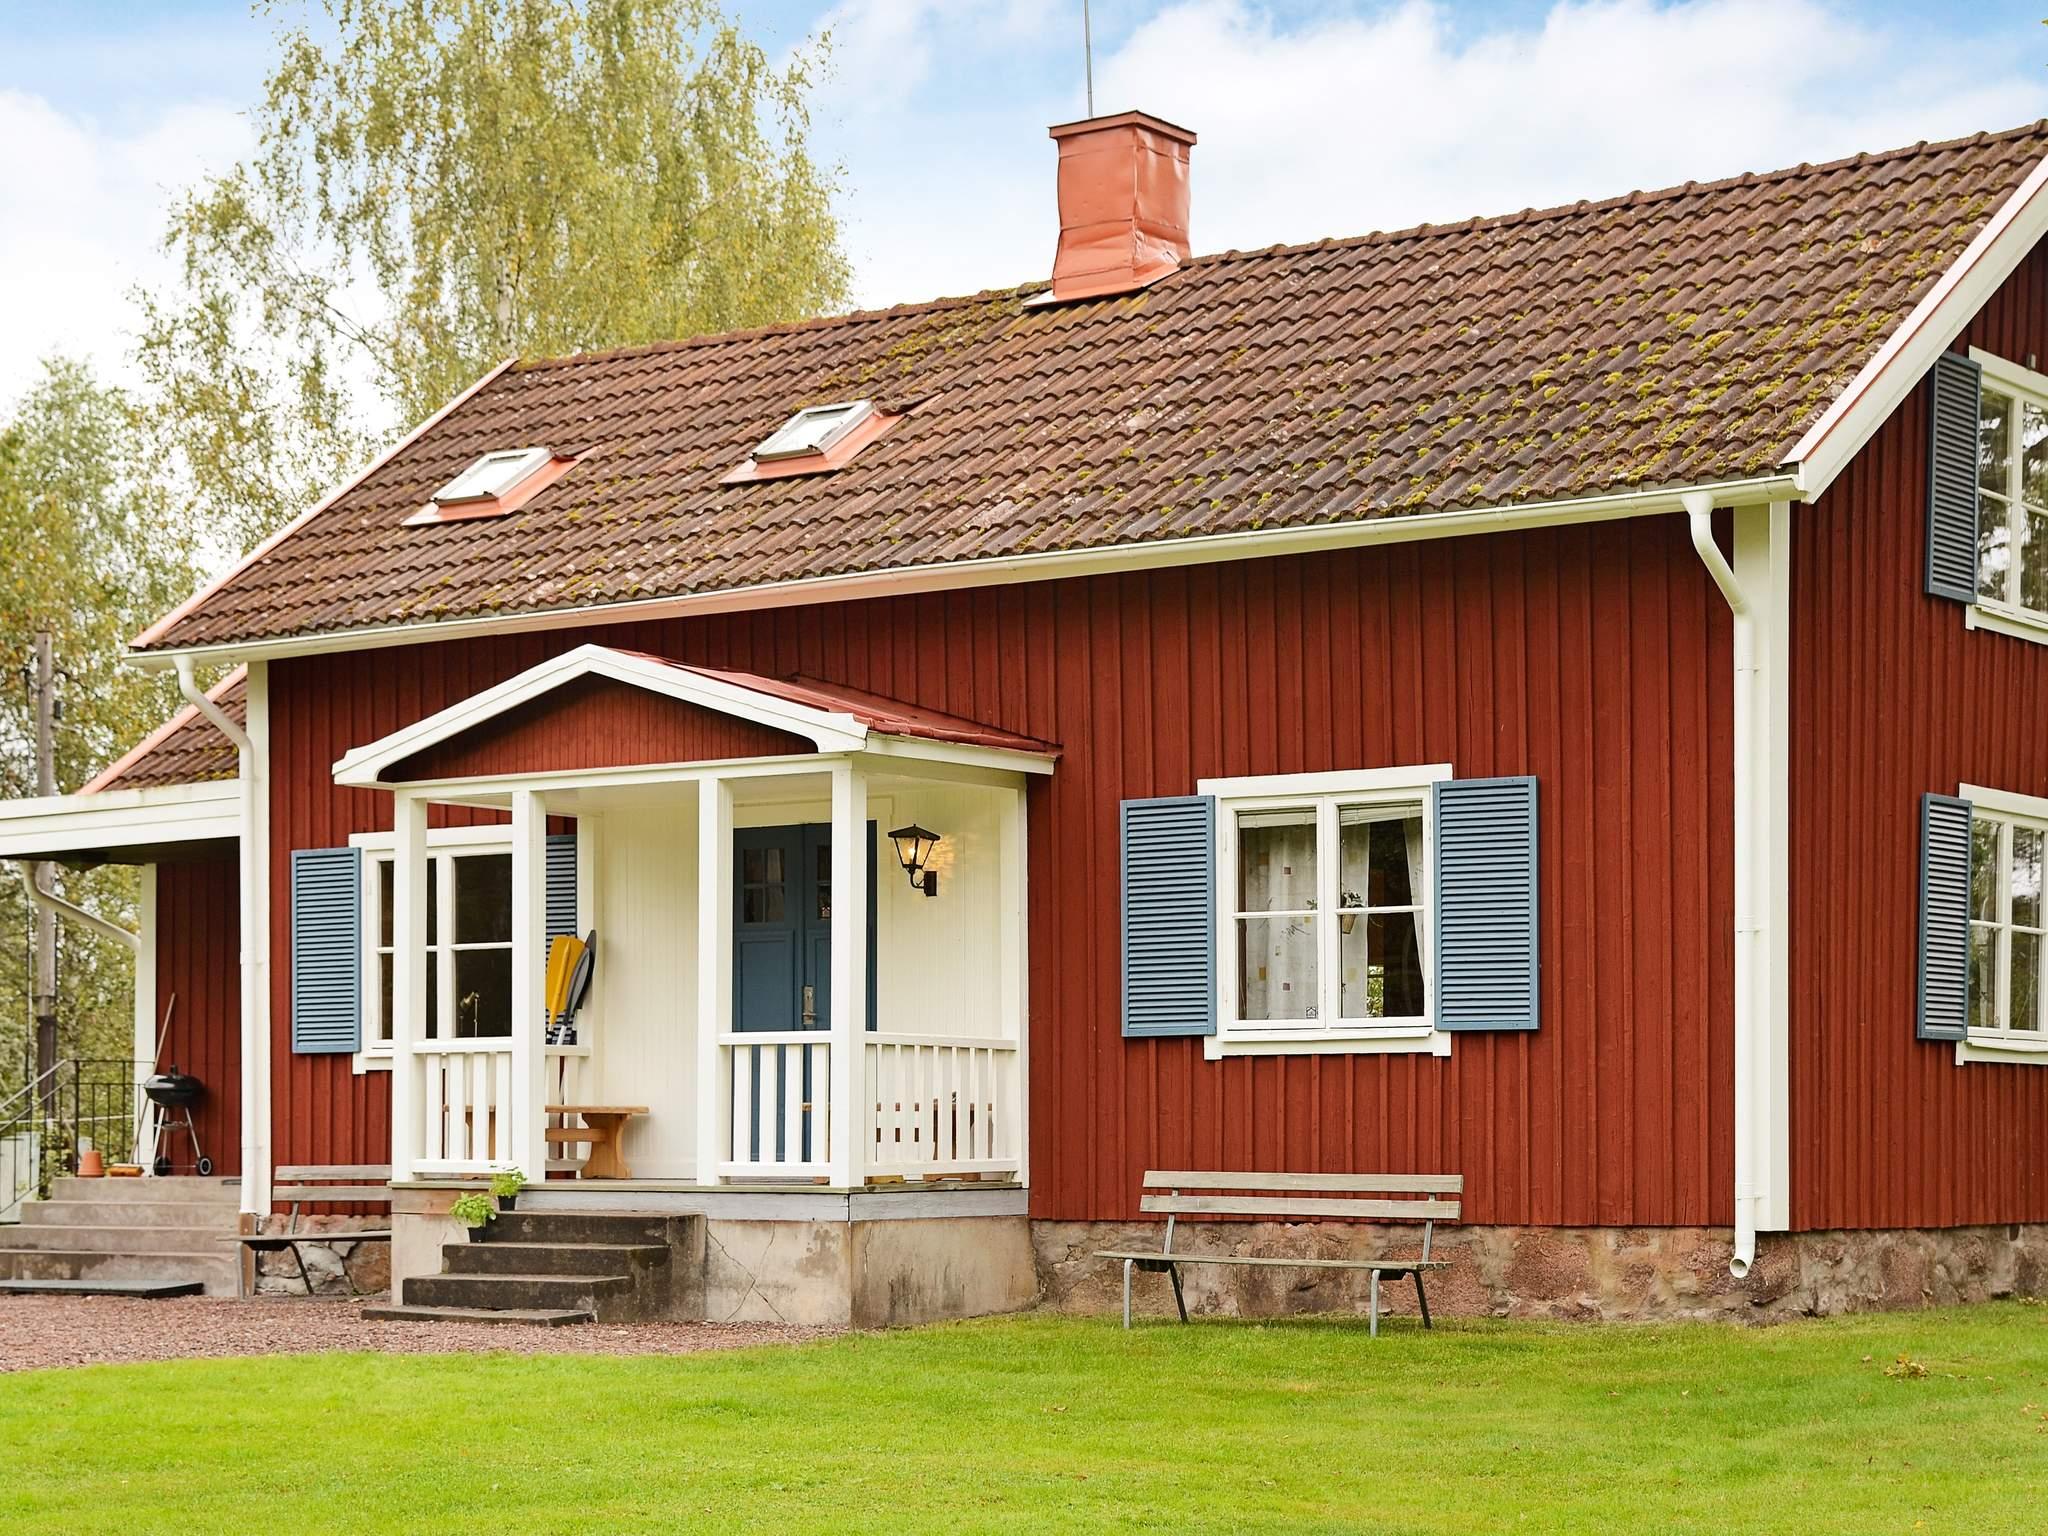 Ferienhaus Pauliström (630877), Pauliström, Jönköpings län, Südschweden, Schweden, Bild 9